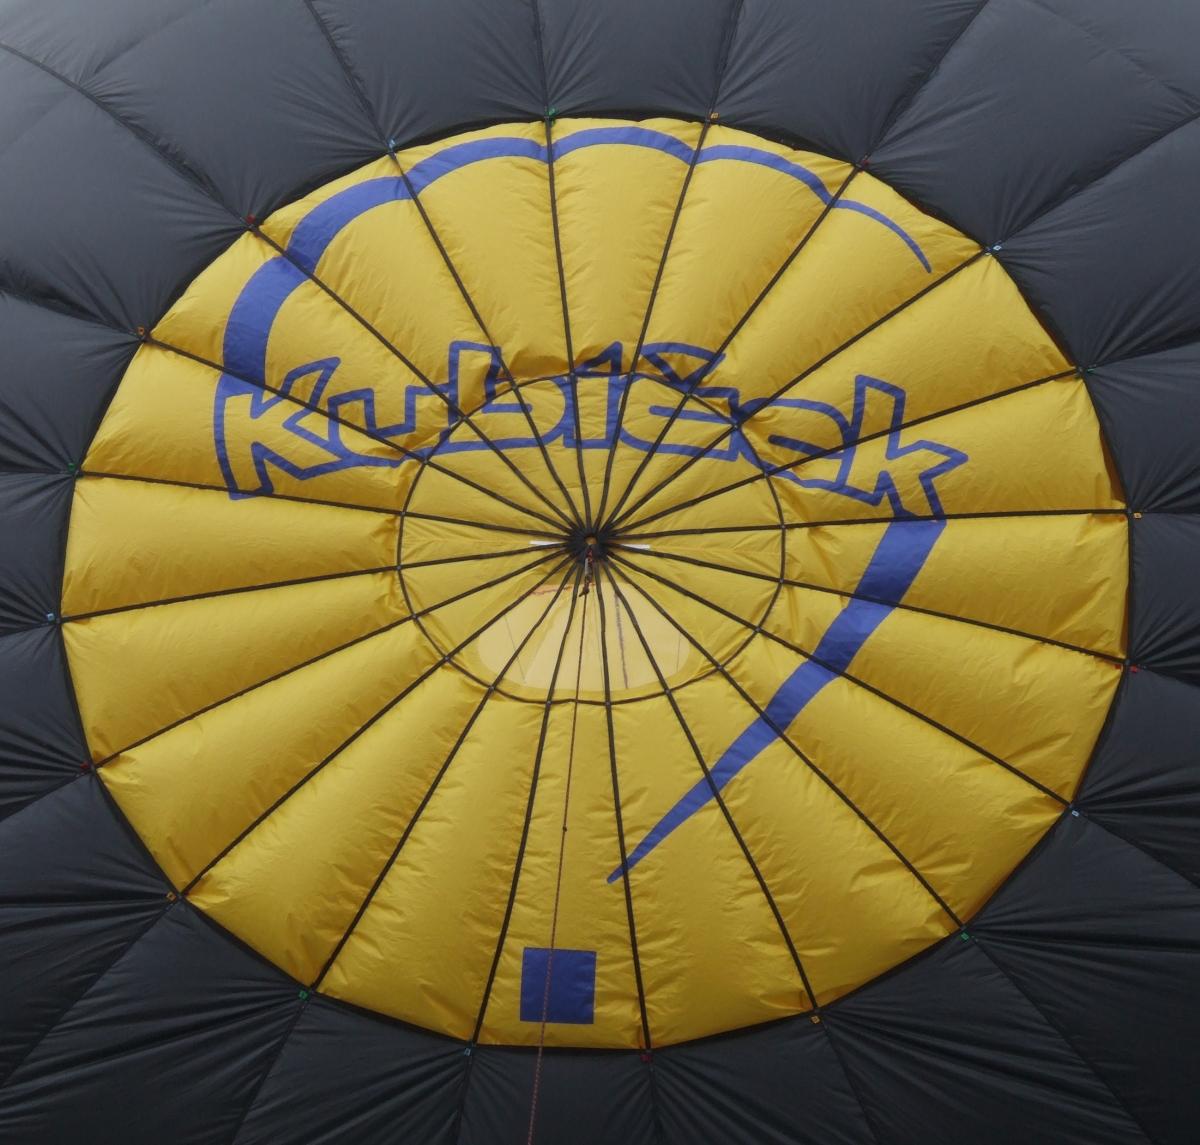 Fixed parachute